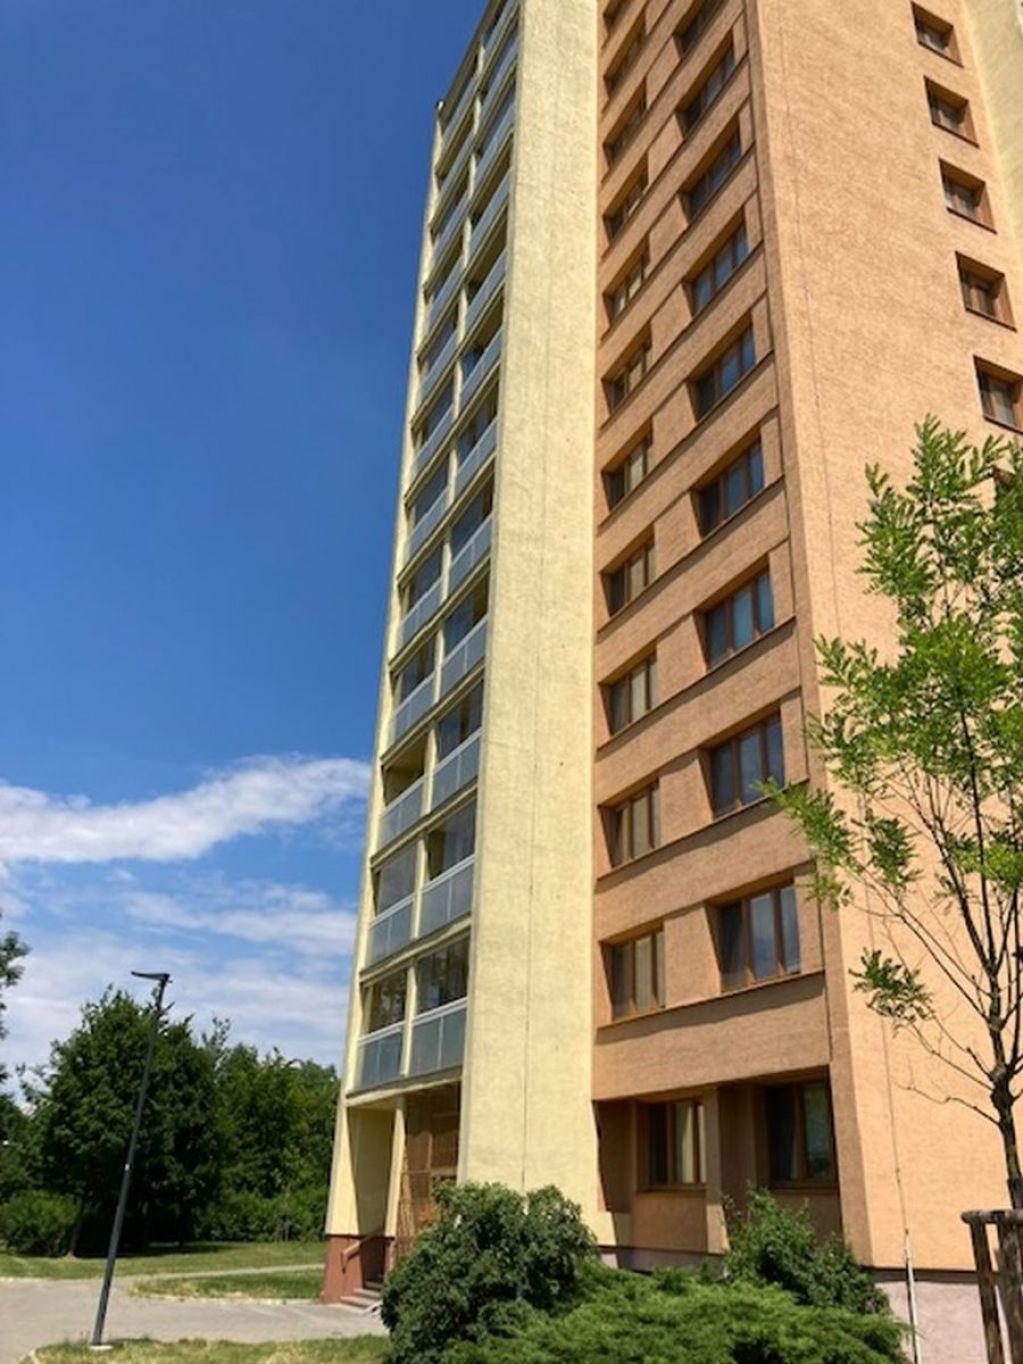 E-aukce družstevního bytu 1+kk o výměře 30 m2, kat. území Moravská Ostrava, okres Ostrava